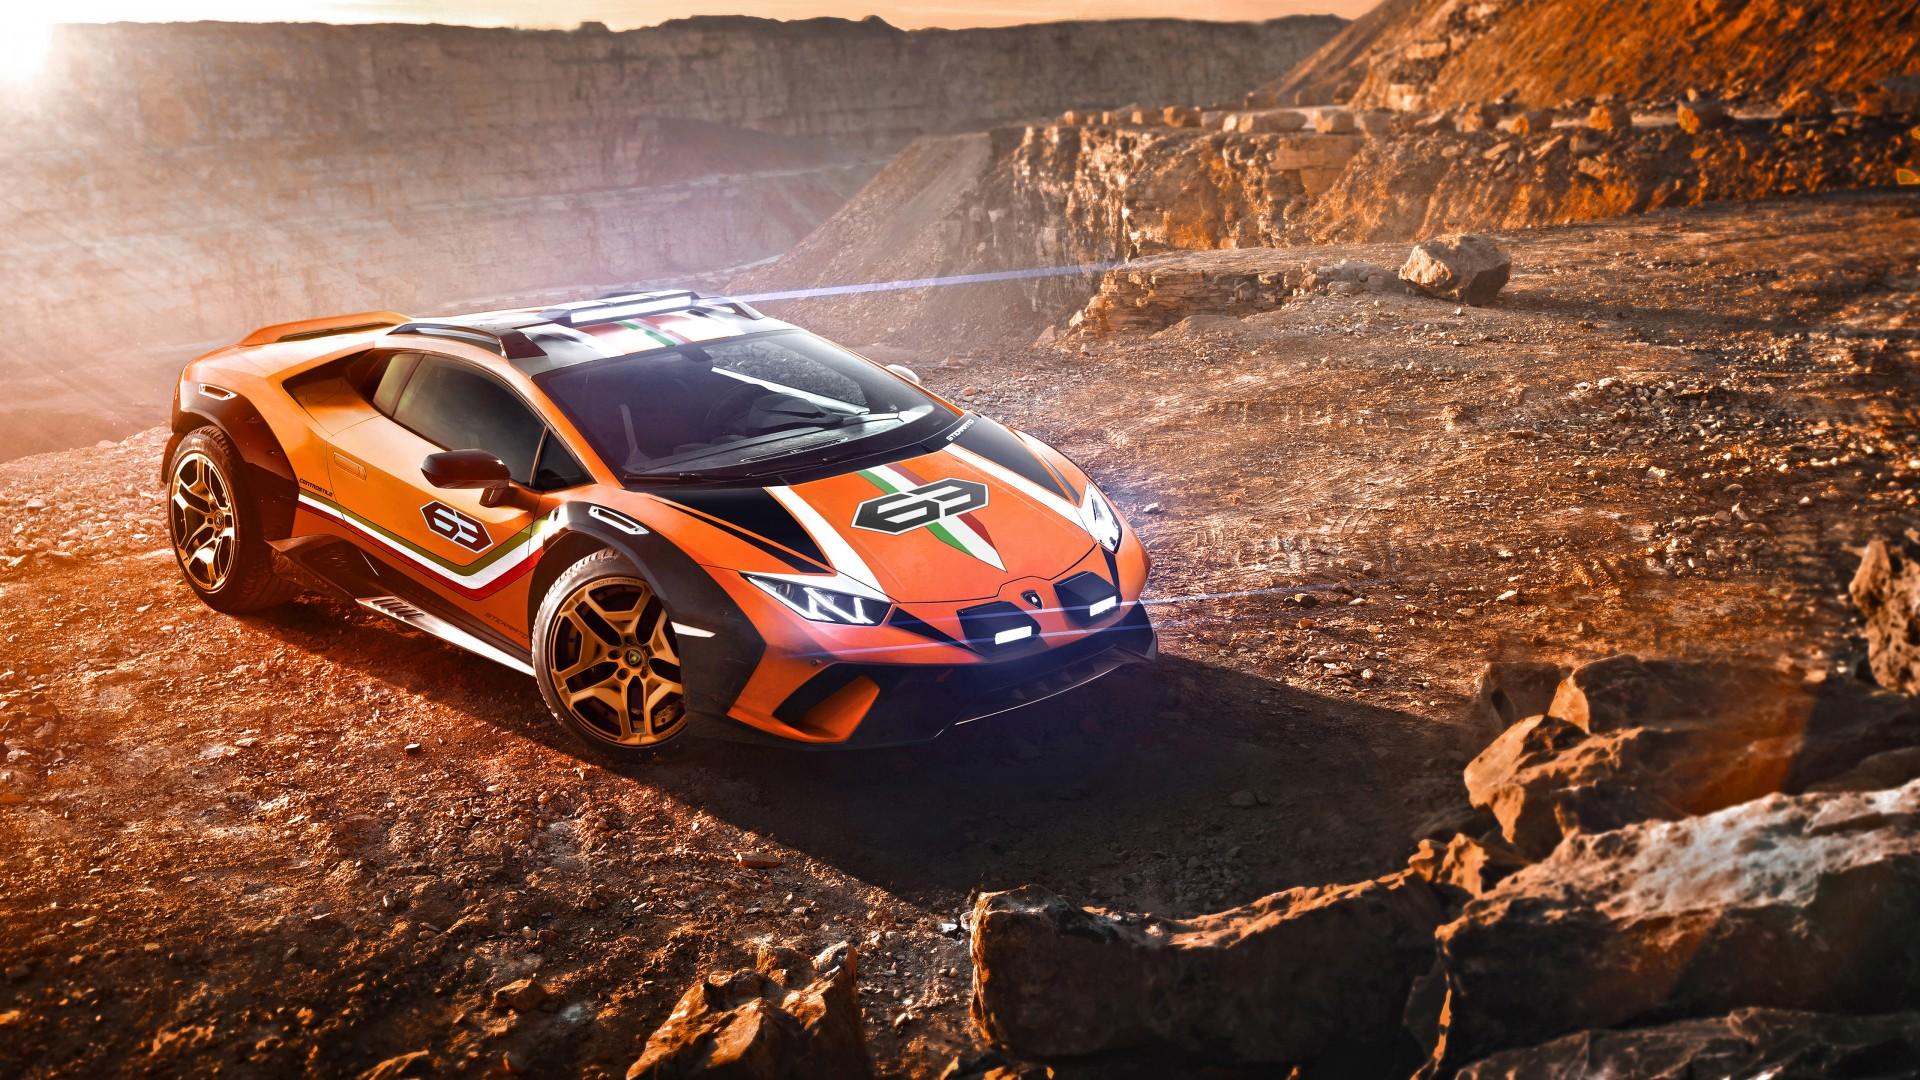 4x4 Off Road >> Lamborghini Huracan Sterrato Concept 2019 5K 2 Wallpaper ...